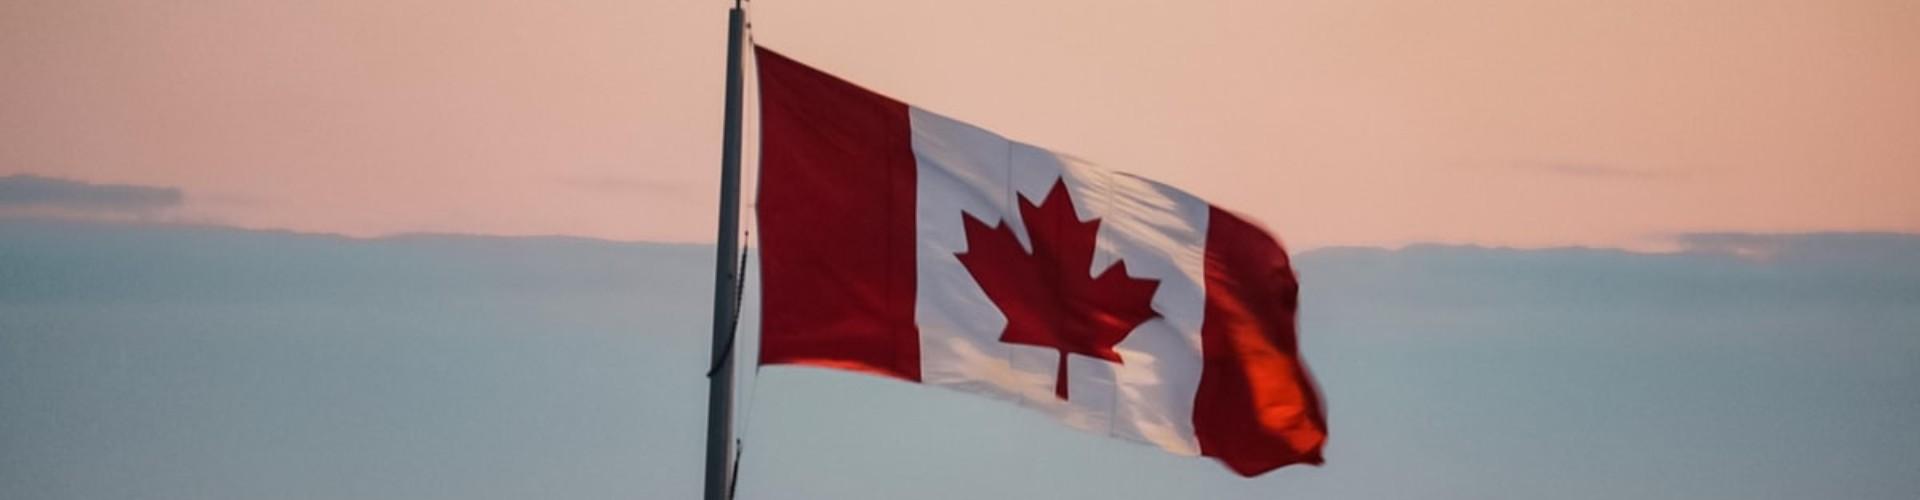 CV canadien : exemple de CV format Canada / Québec [+ pvt]